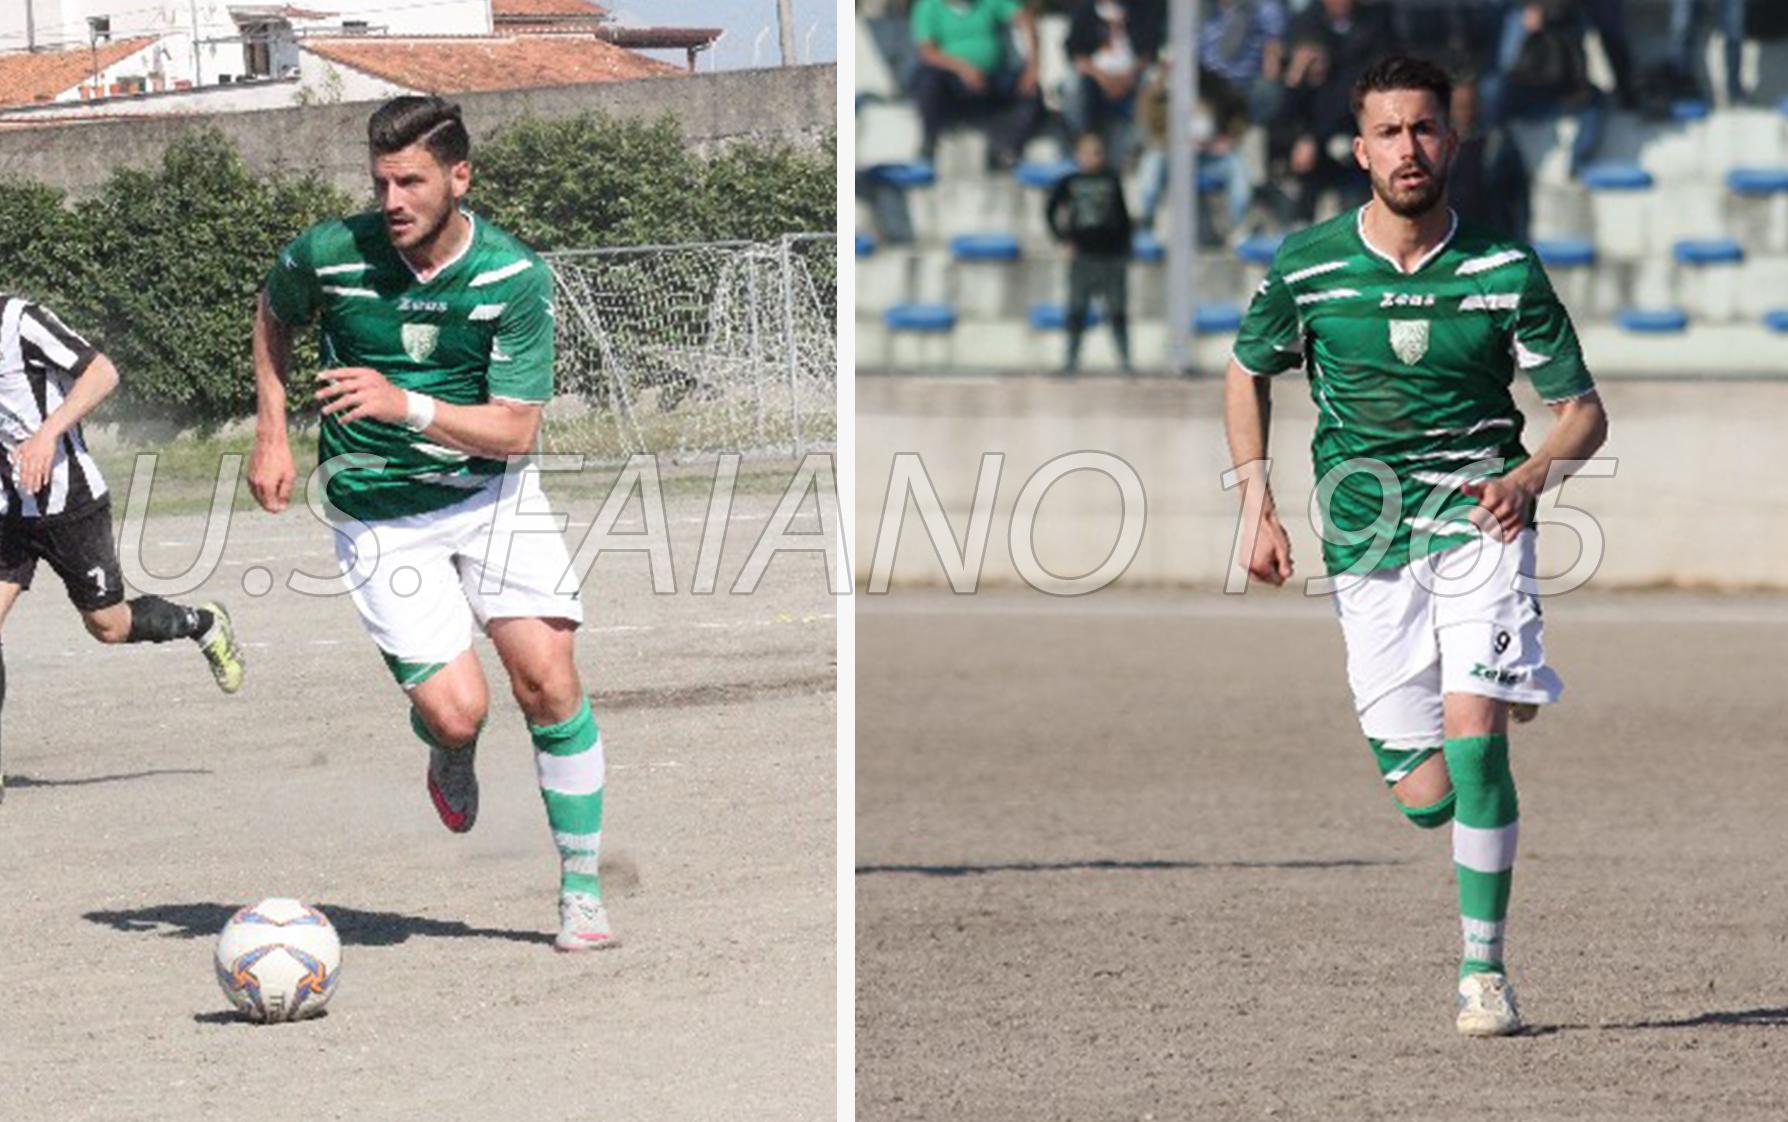 ECCELLENZA/B. Faiano, arrivano le riconferme anche di Anastasio e Pellegrino per la stagione 2017/2018